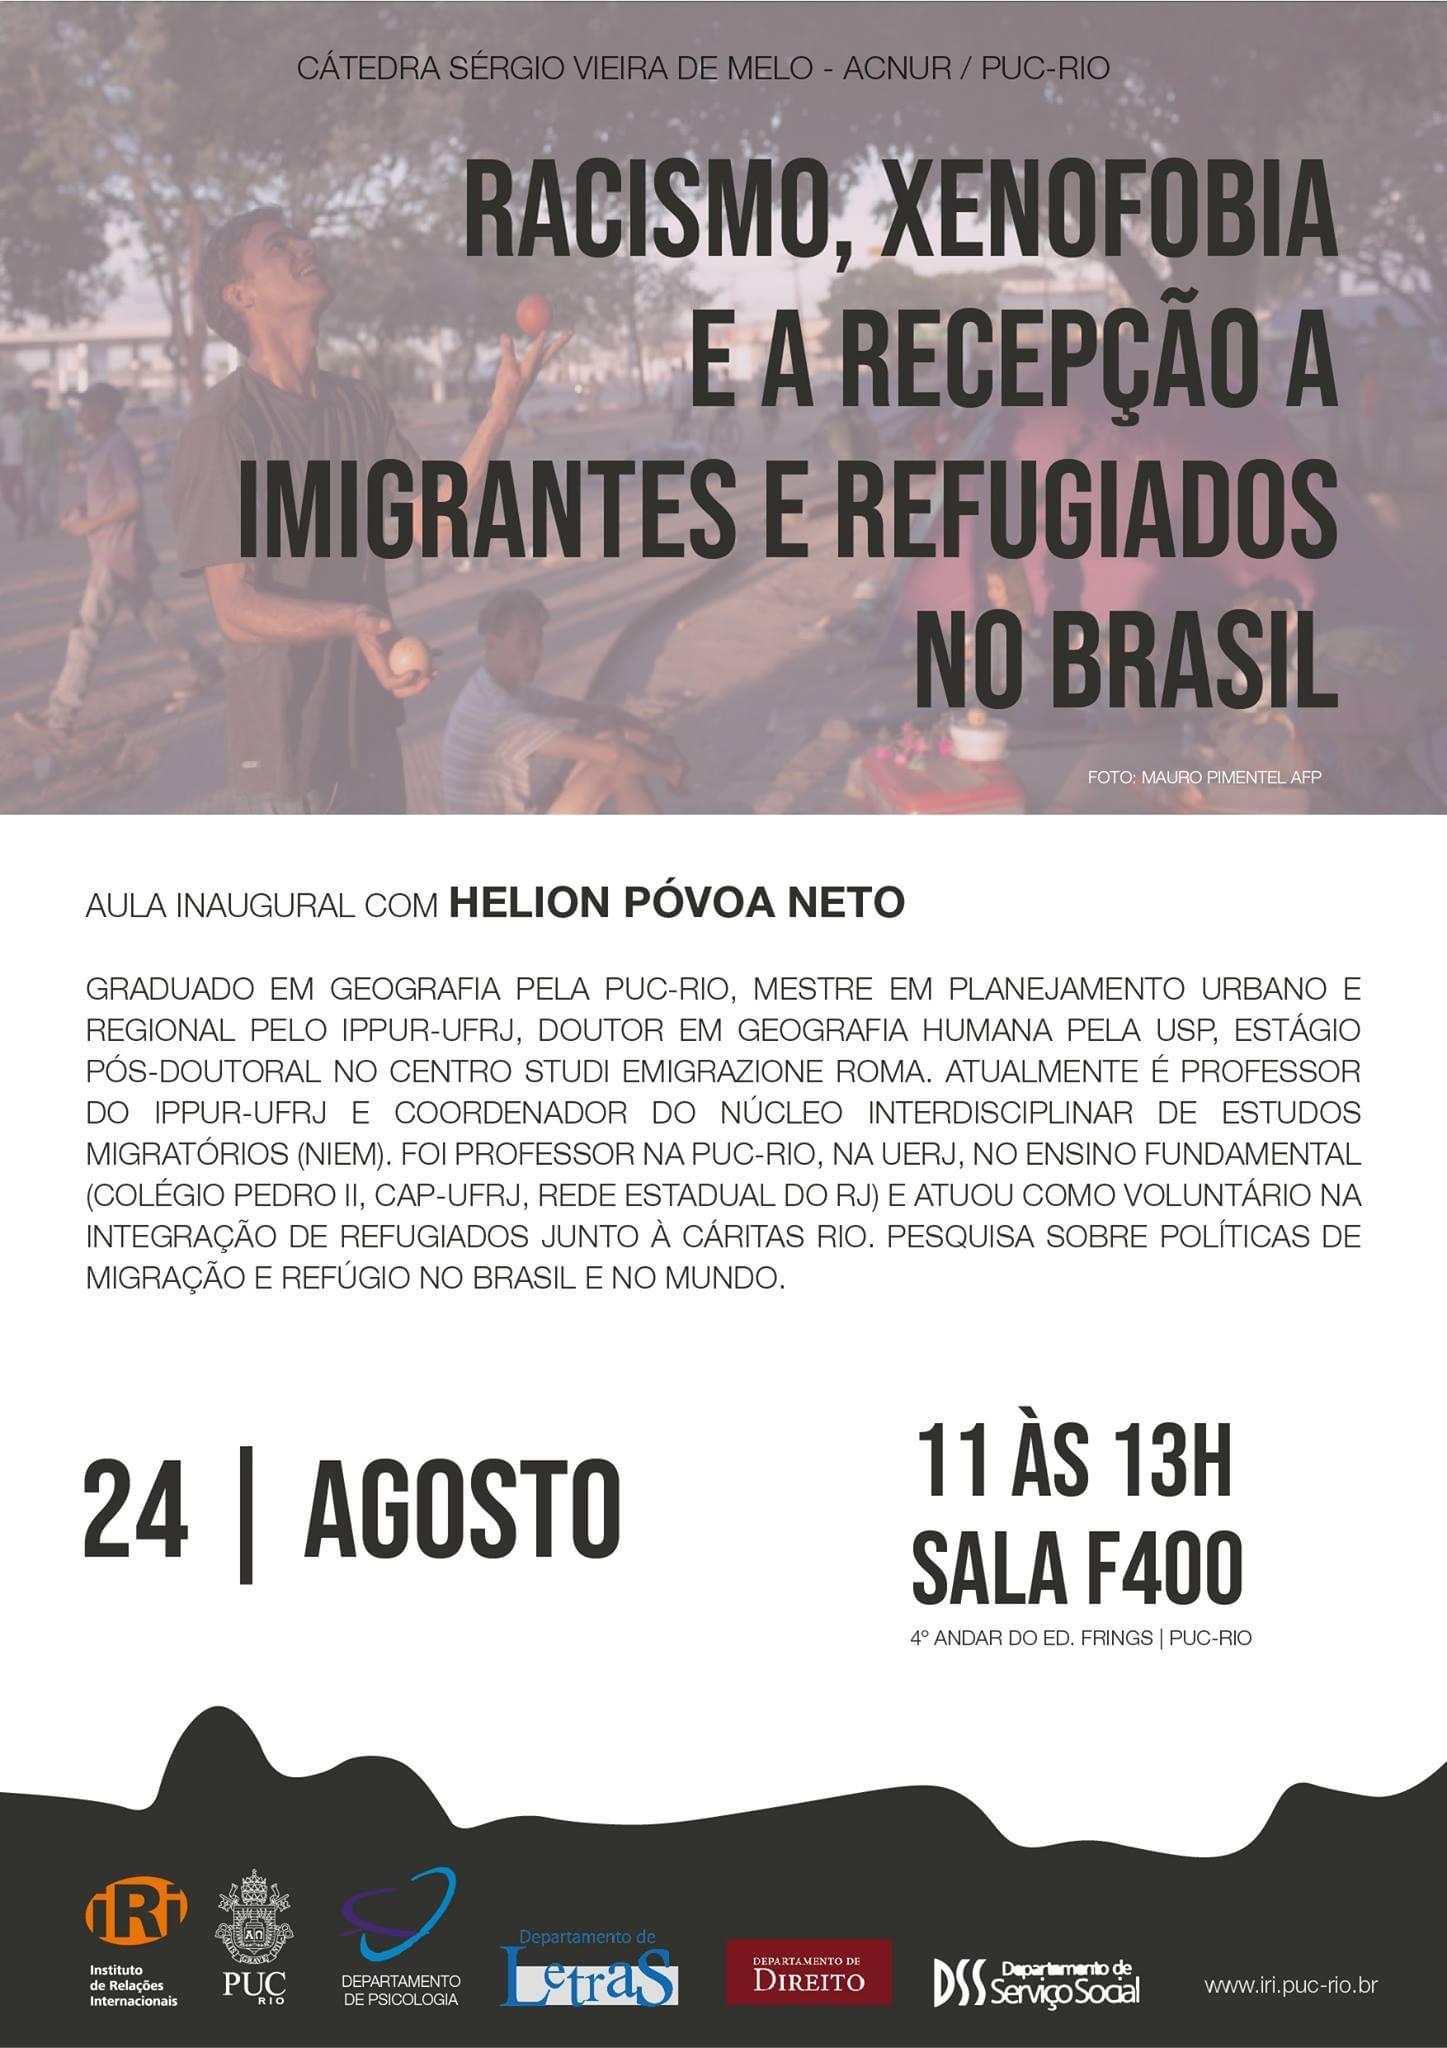 Racismo, xenofobia e recepção de imigrantes e refugiados no Brasil